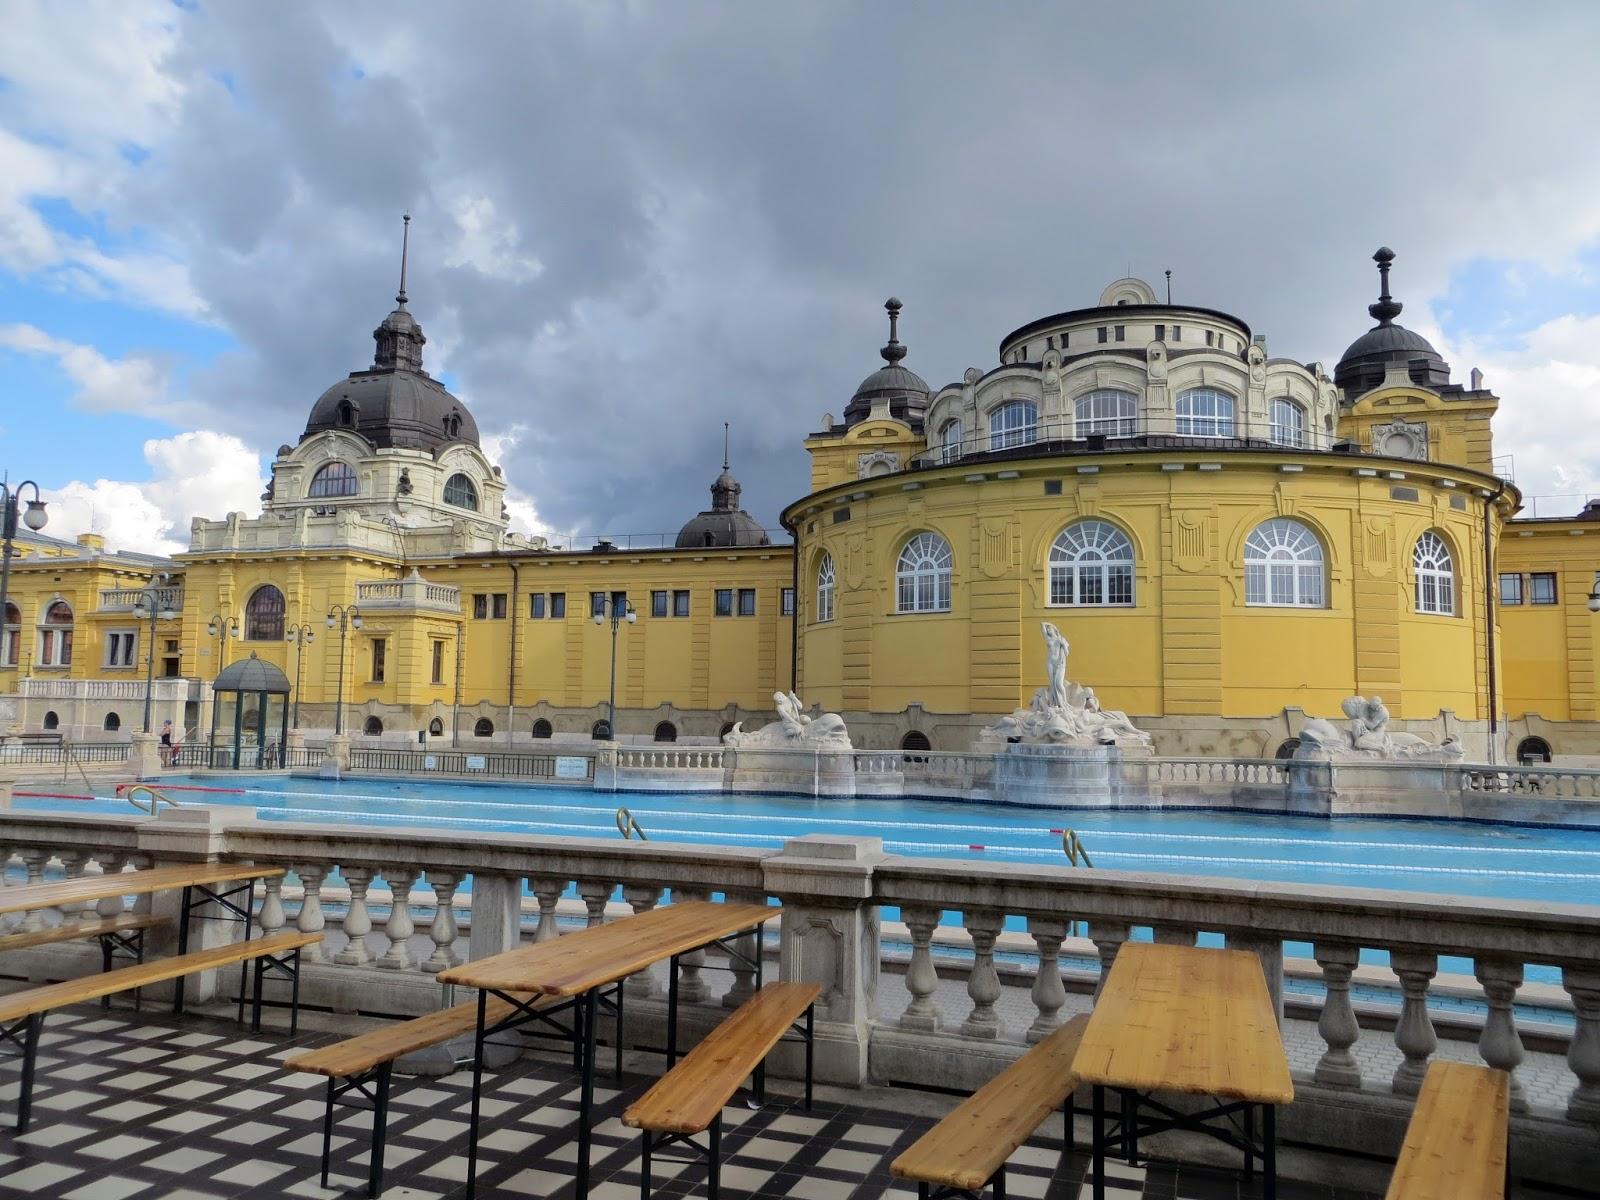 Budapest, photography, night time, architecture, travel, blog, adventure, exploration, Szechenyi Baths